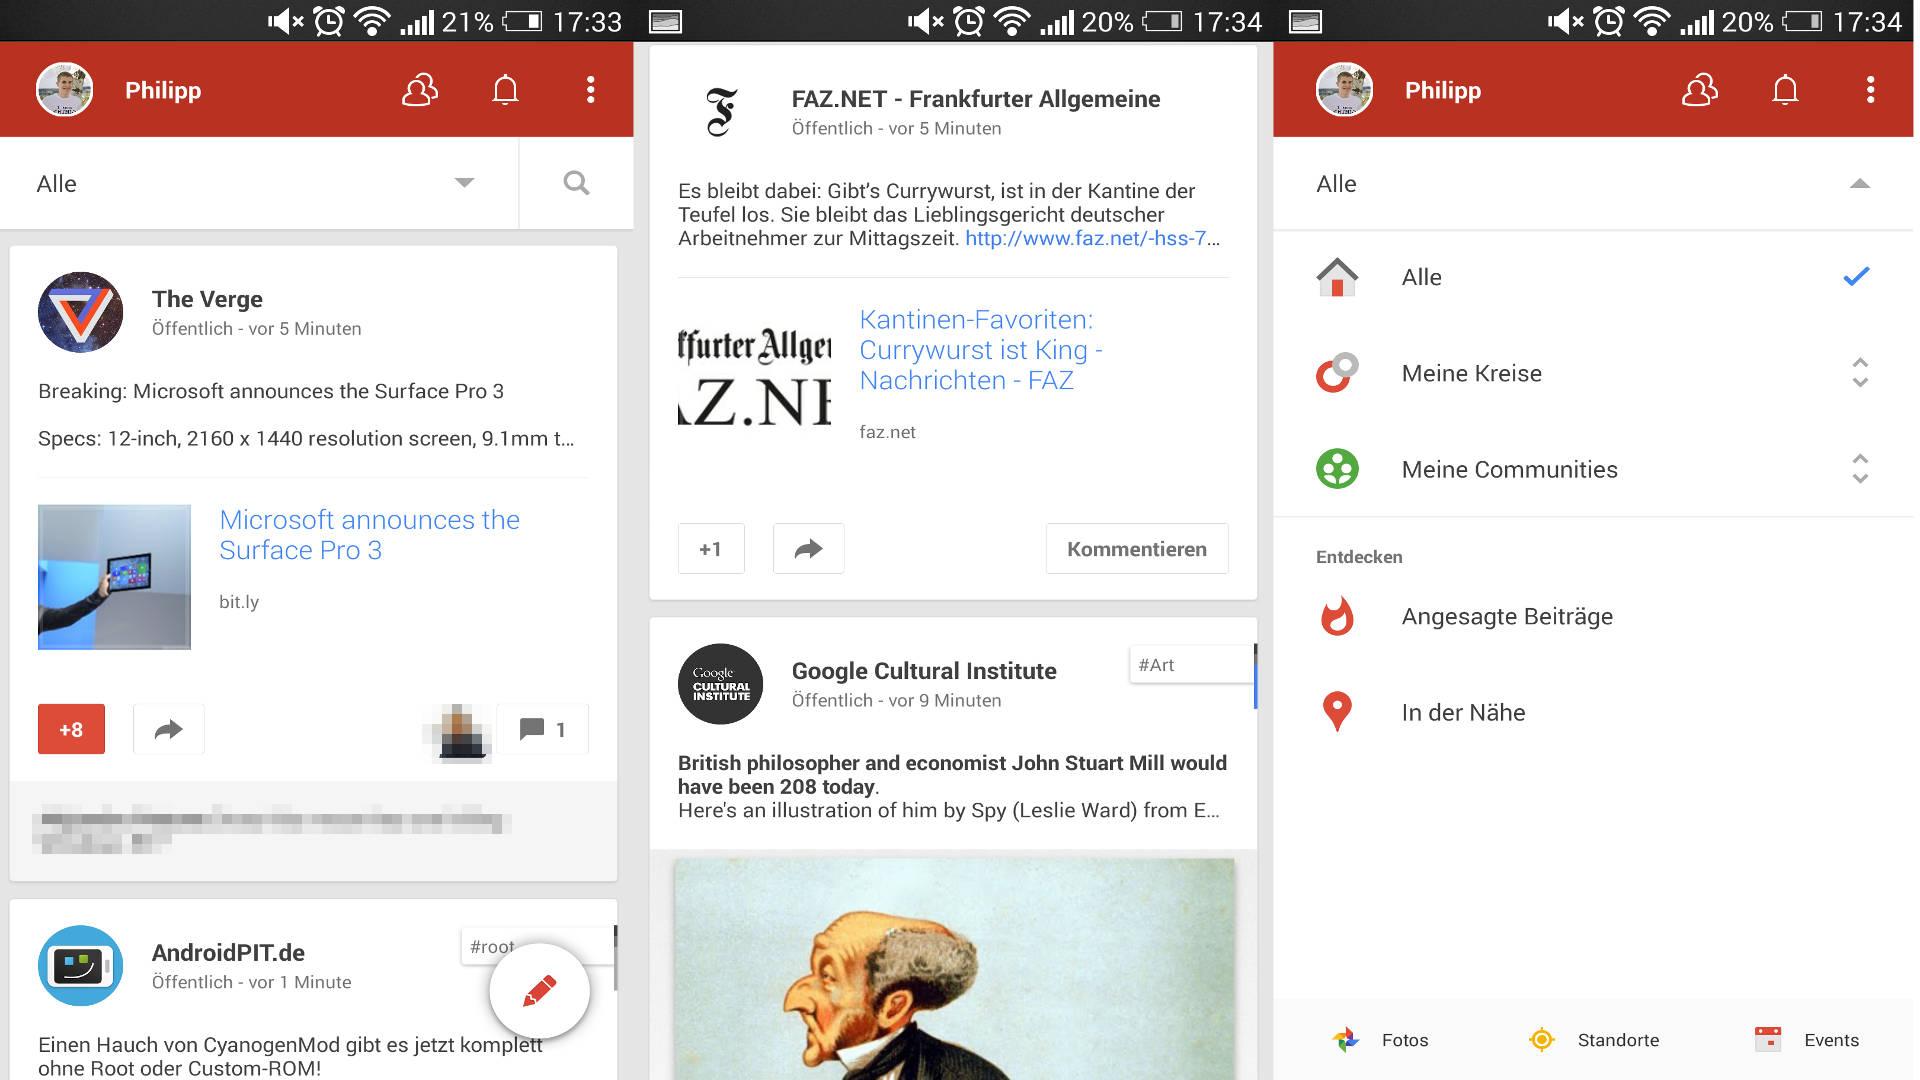 Neues Google+ UI für Android - Artikelbild